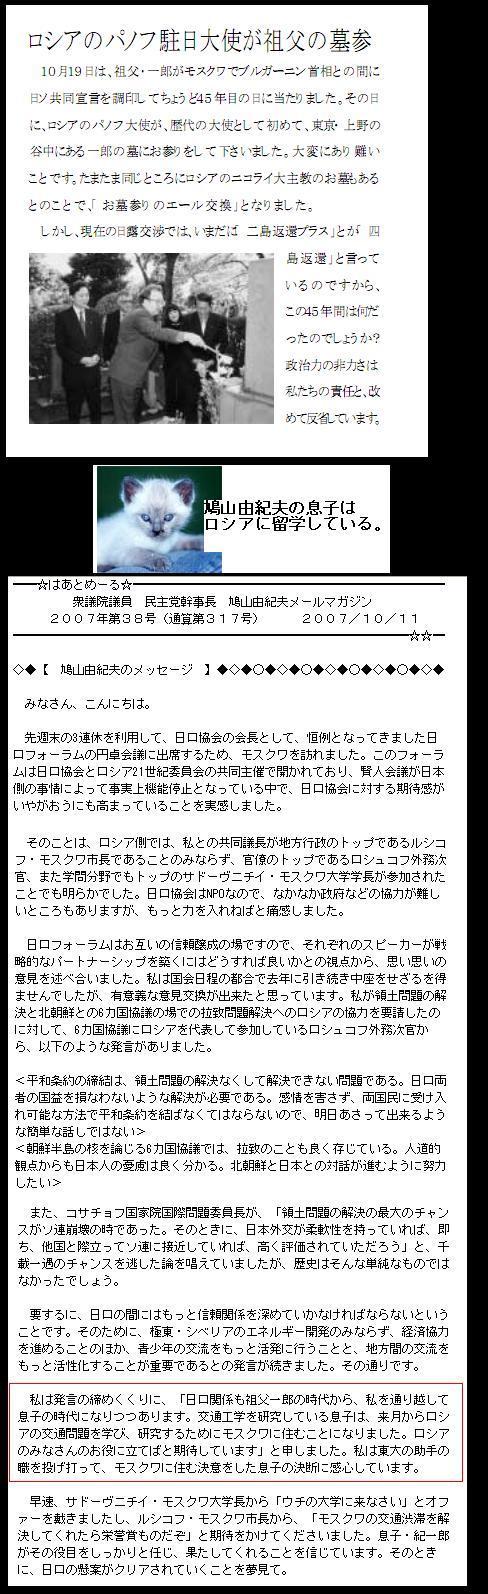 HATOYAMAROrussia2.jpg